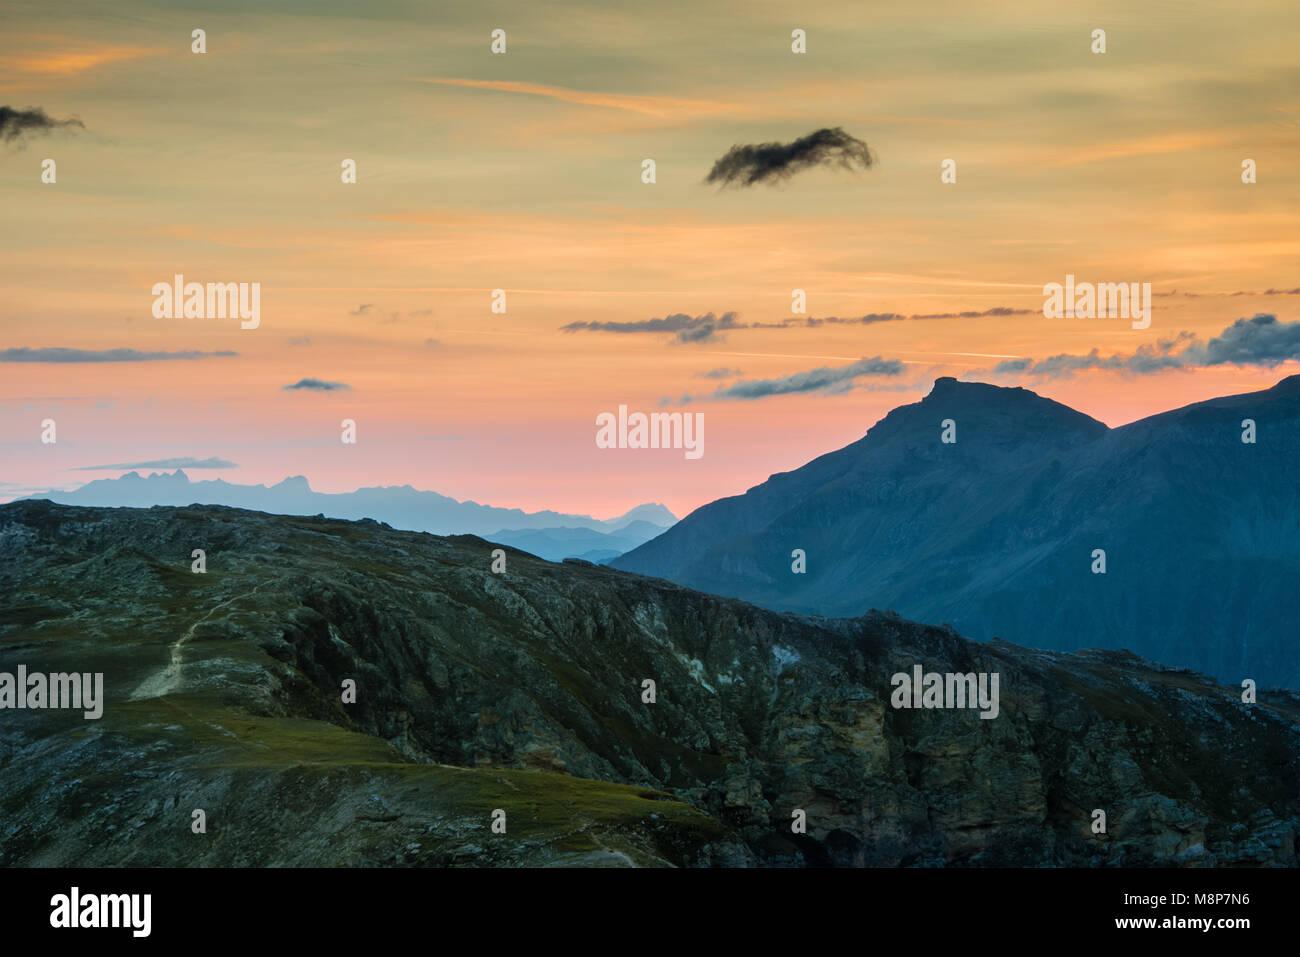 Sonnenaufgang über den Hohen Tauern - Stock Image